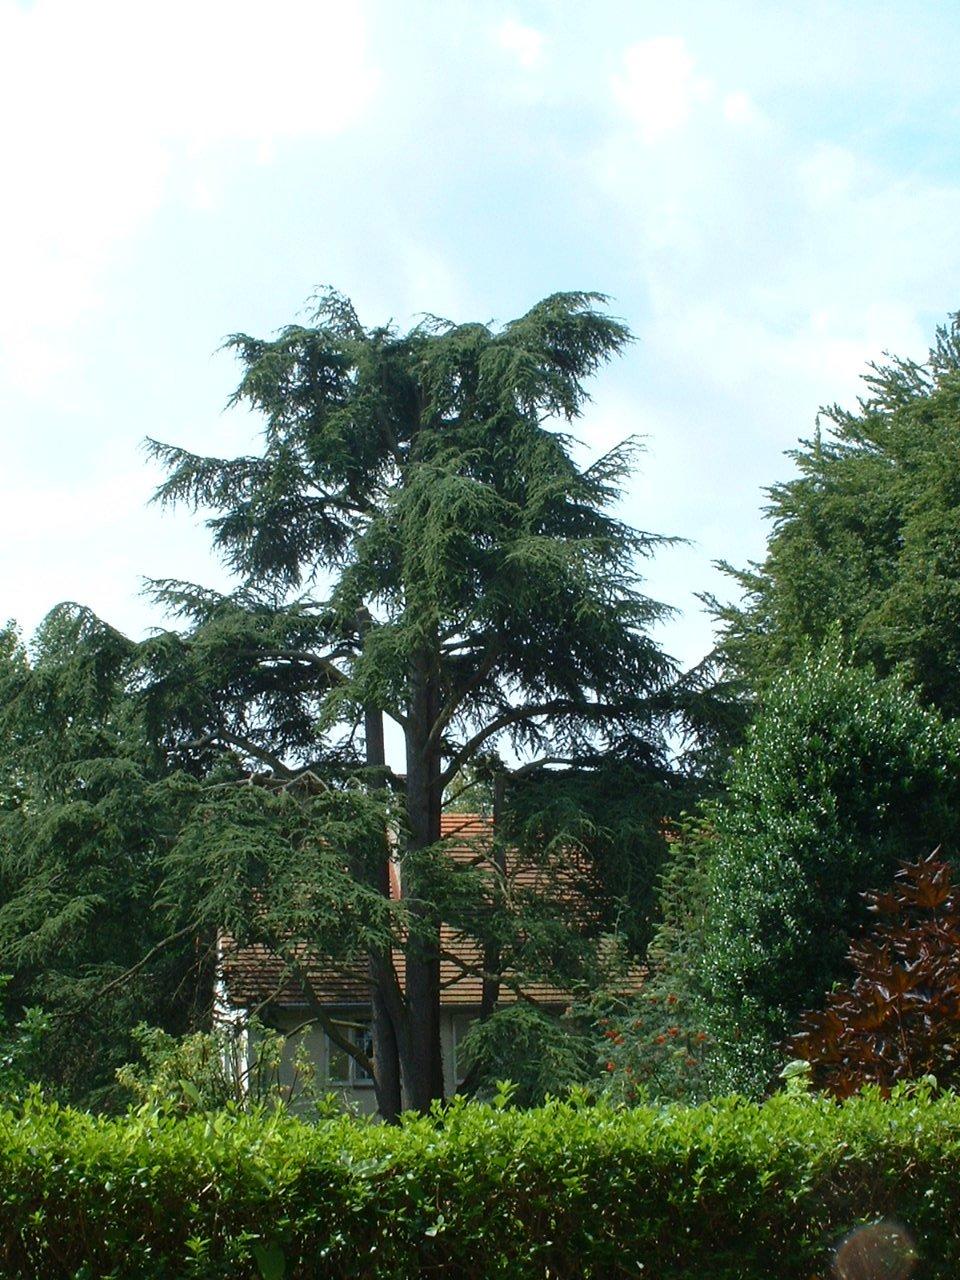 Cèdre du Liban – Watermael-Boitsfort, Avenue de l'Arbalète, 58 –  25 Juillet 2002